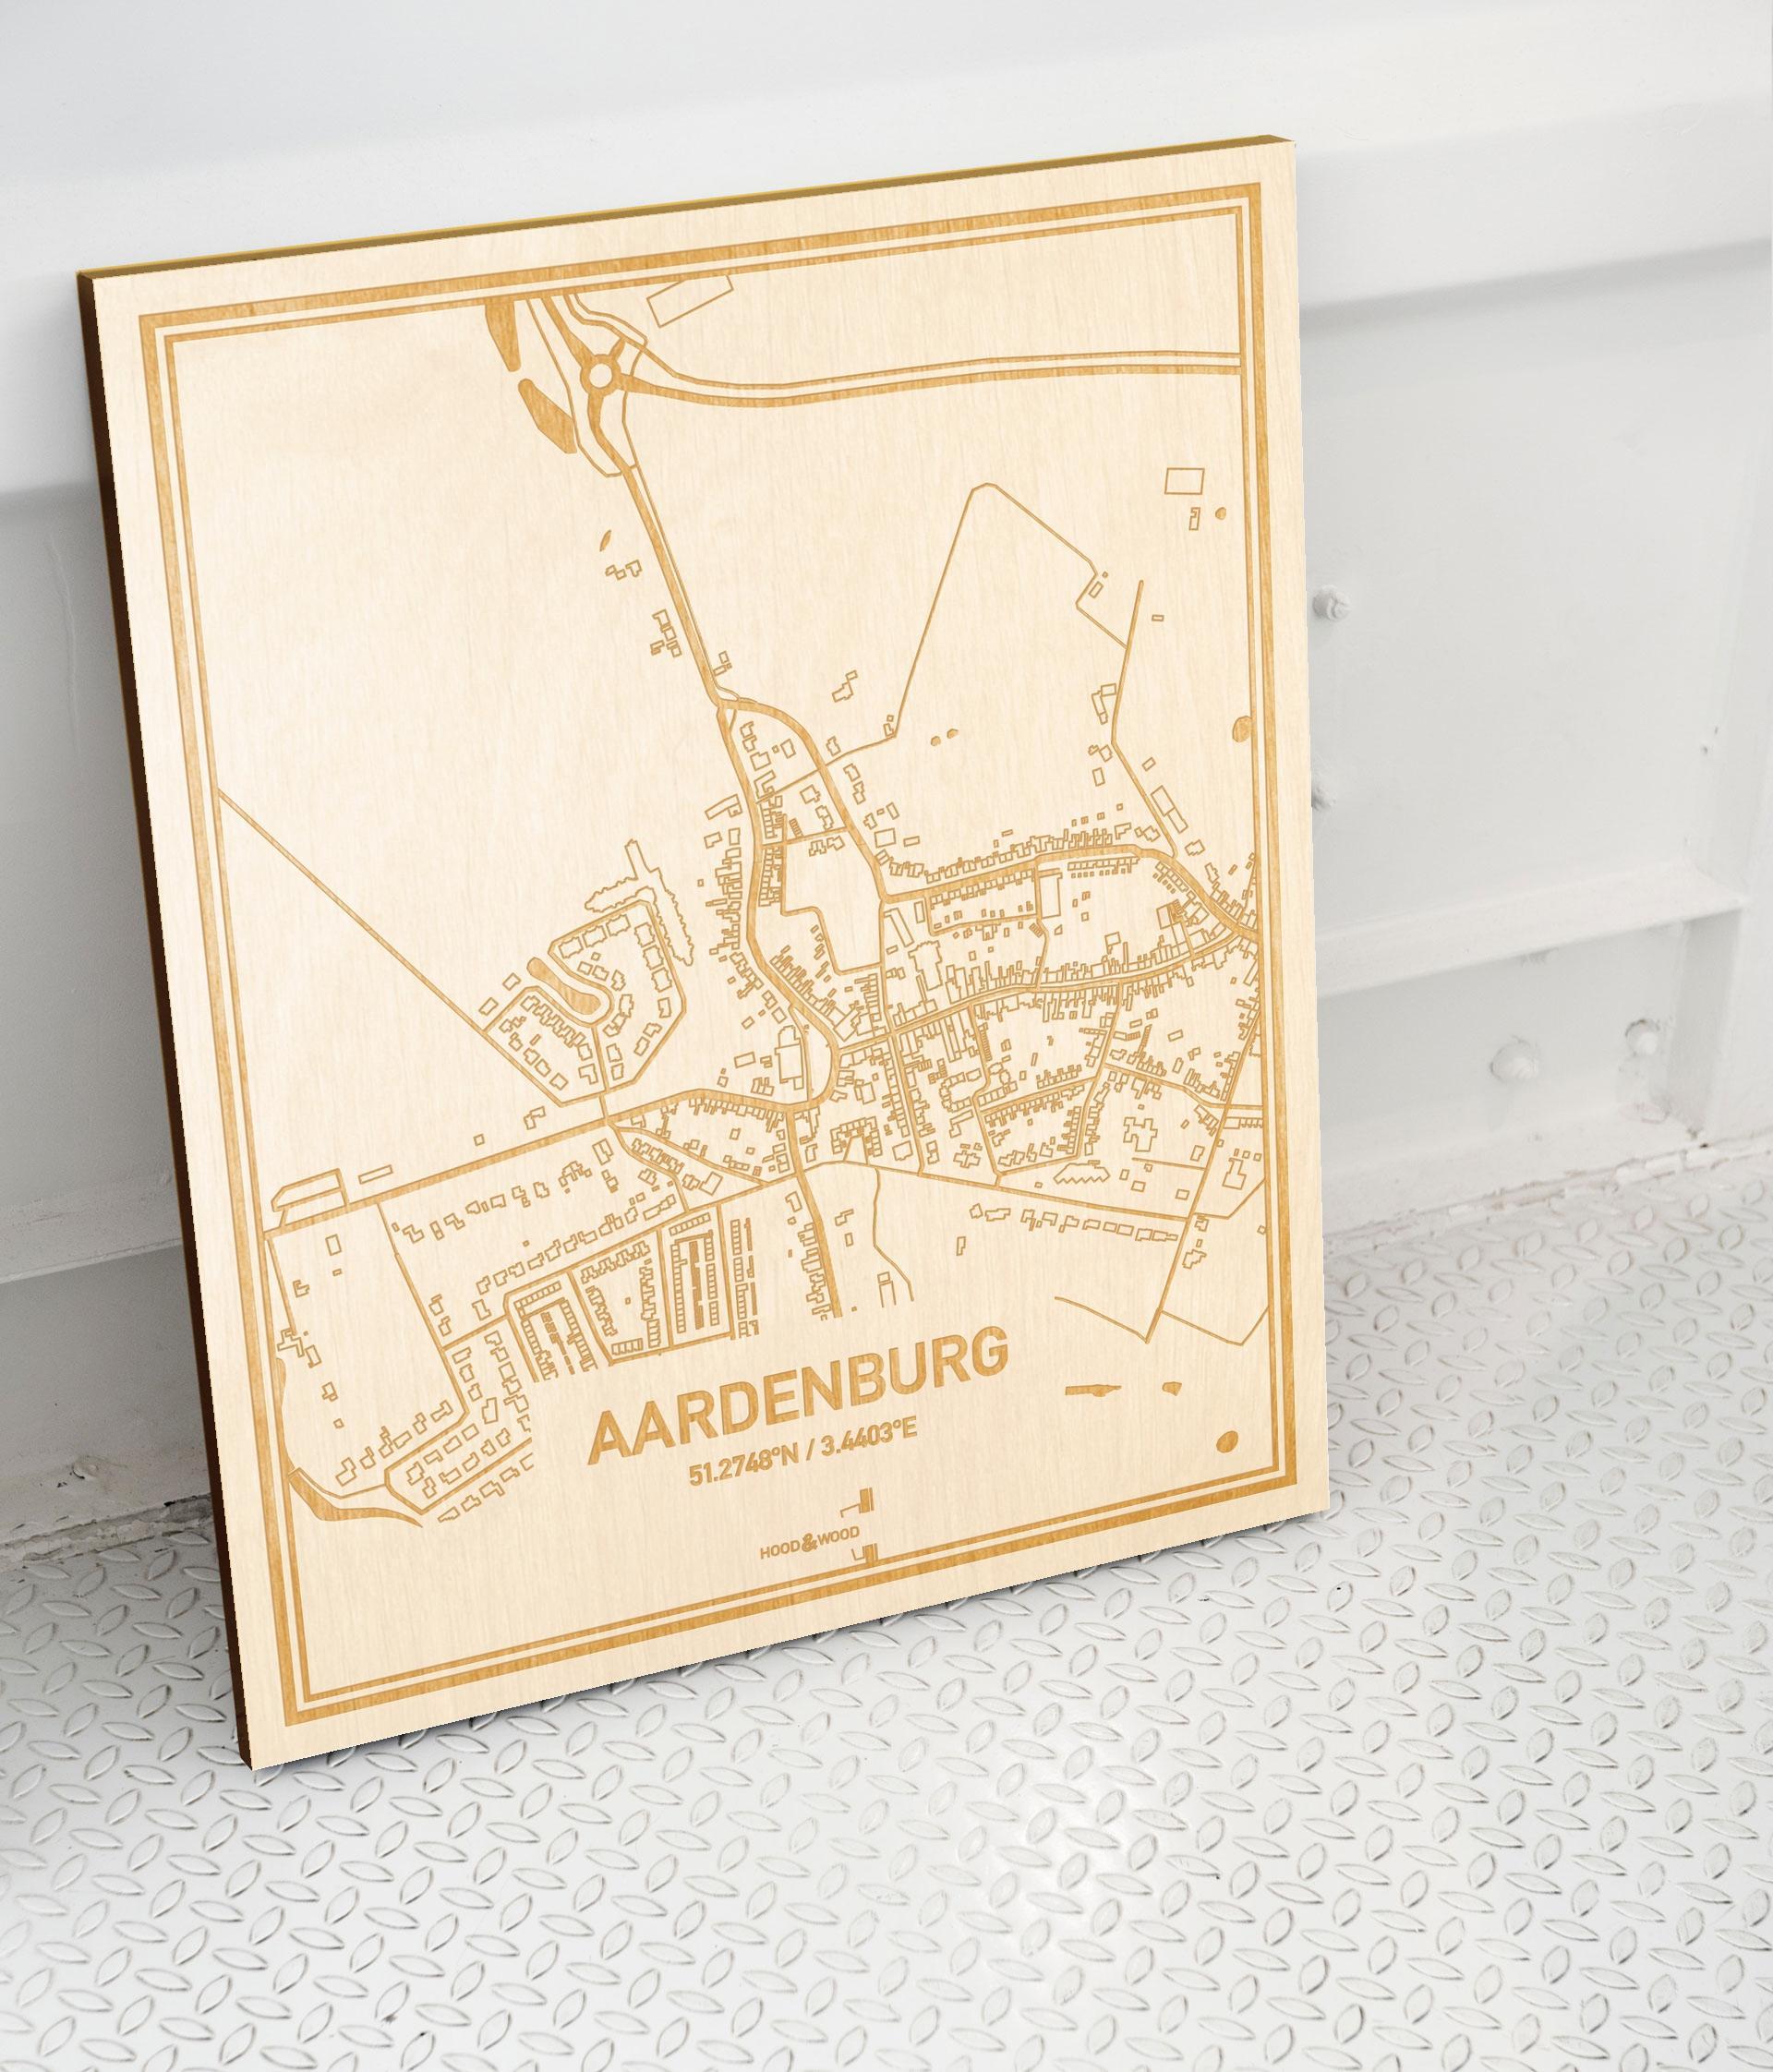 Plattegrond Aardenburg als prachtige houten wanddecoratie. Het warme hout contrasteert mooi met de witte muur.